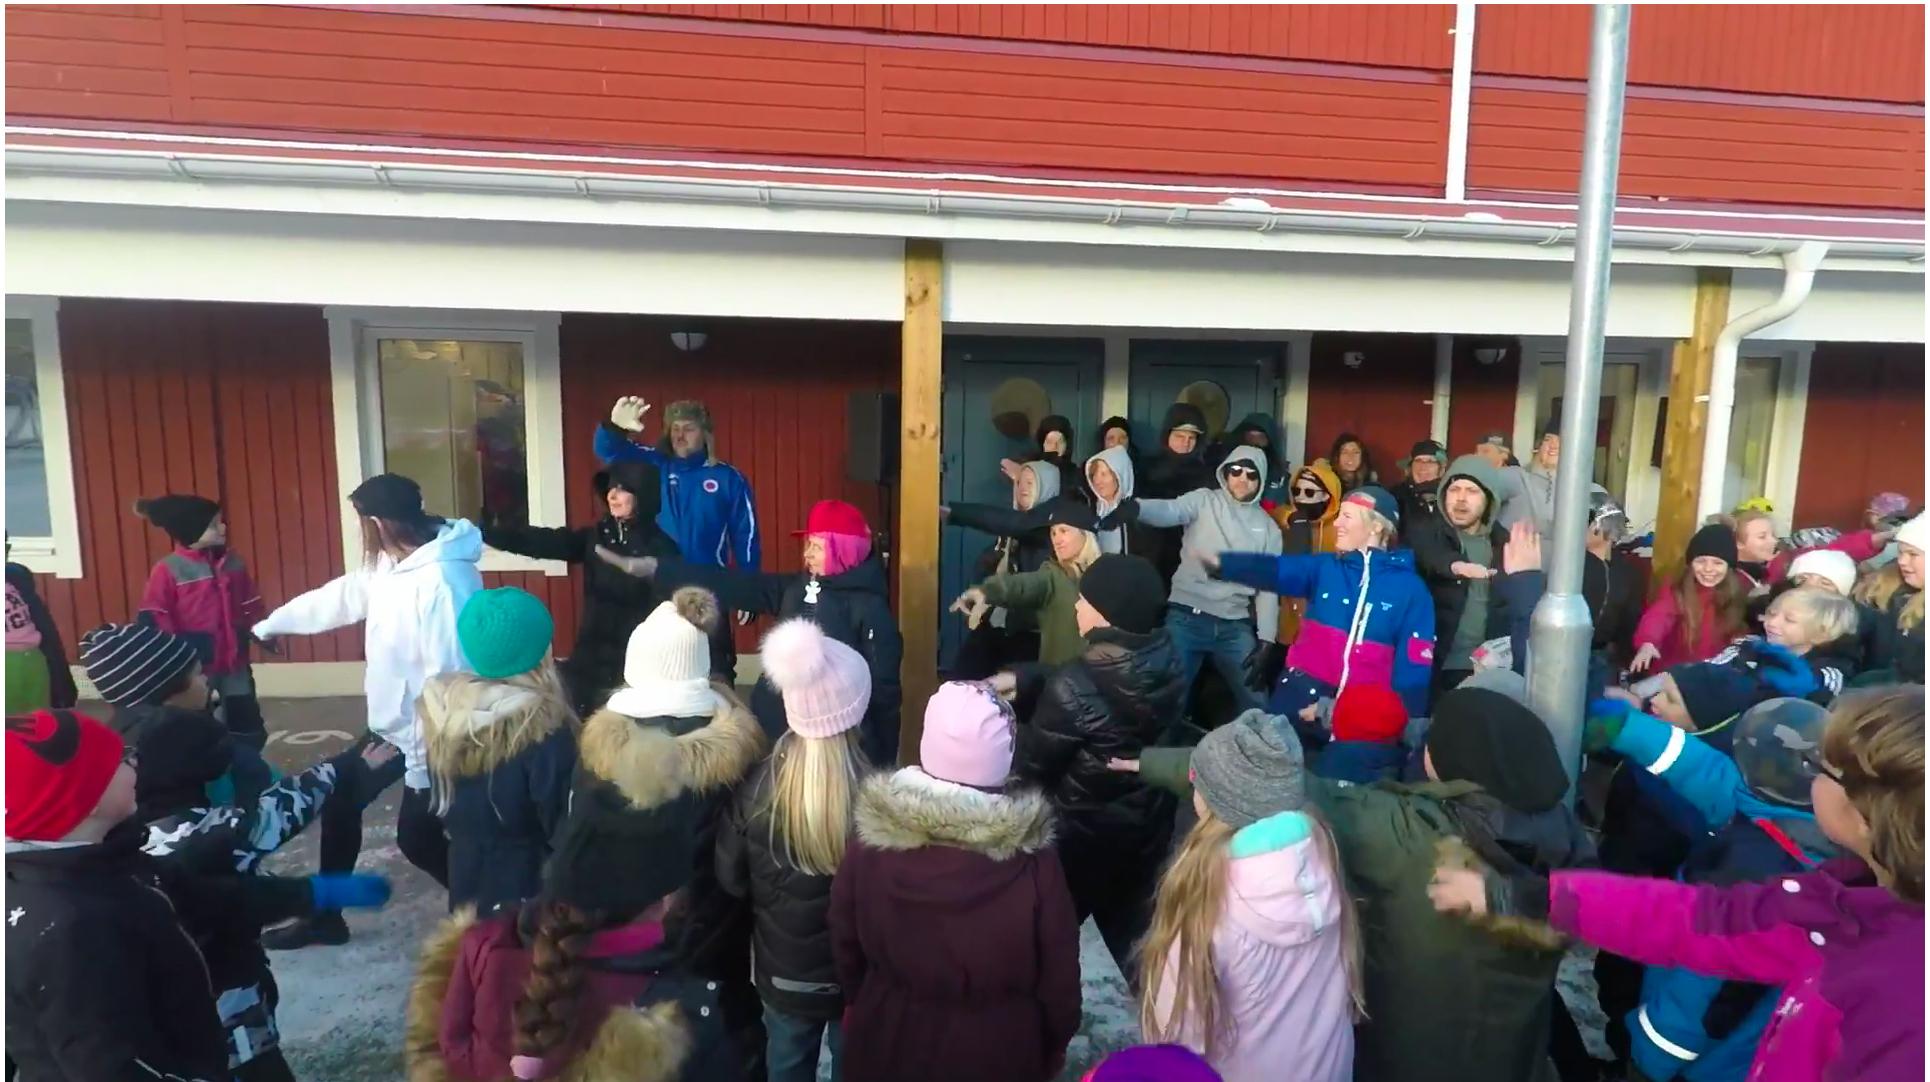 ActiveS - Sveriges Piggaste Klassrum - Nya Karlslundsskolan Åk6, Örebro